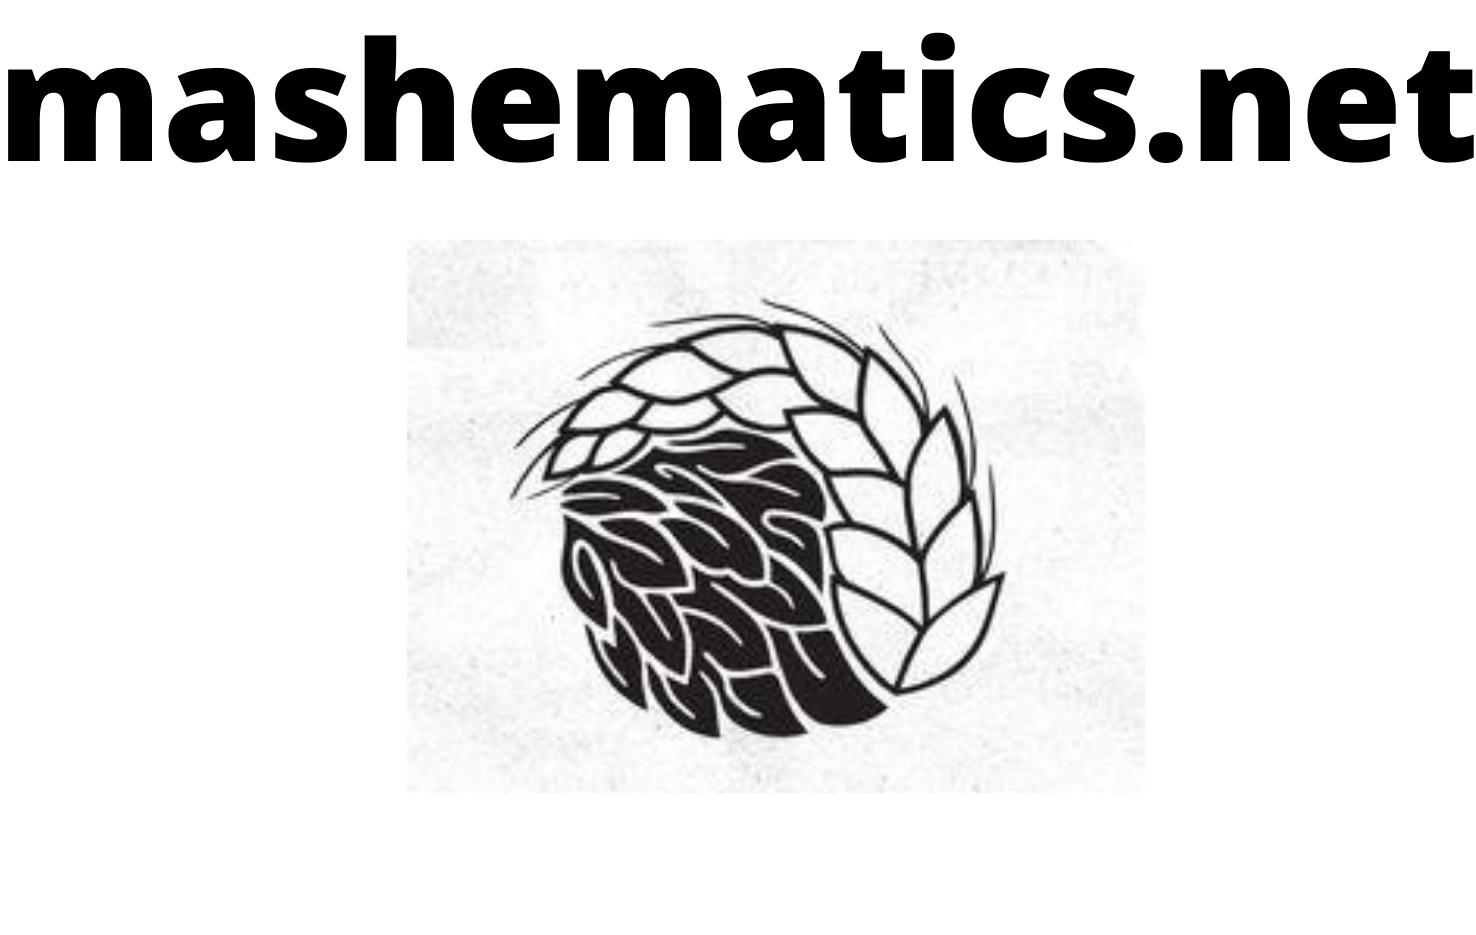 Mashematics